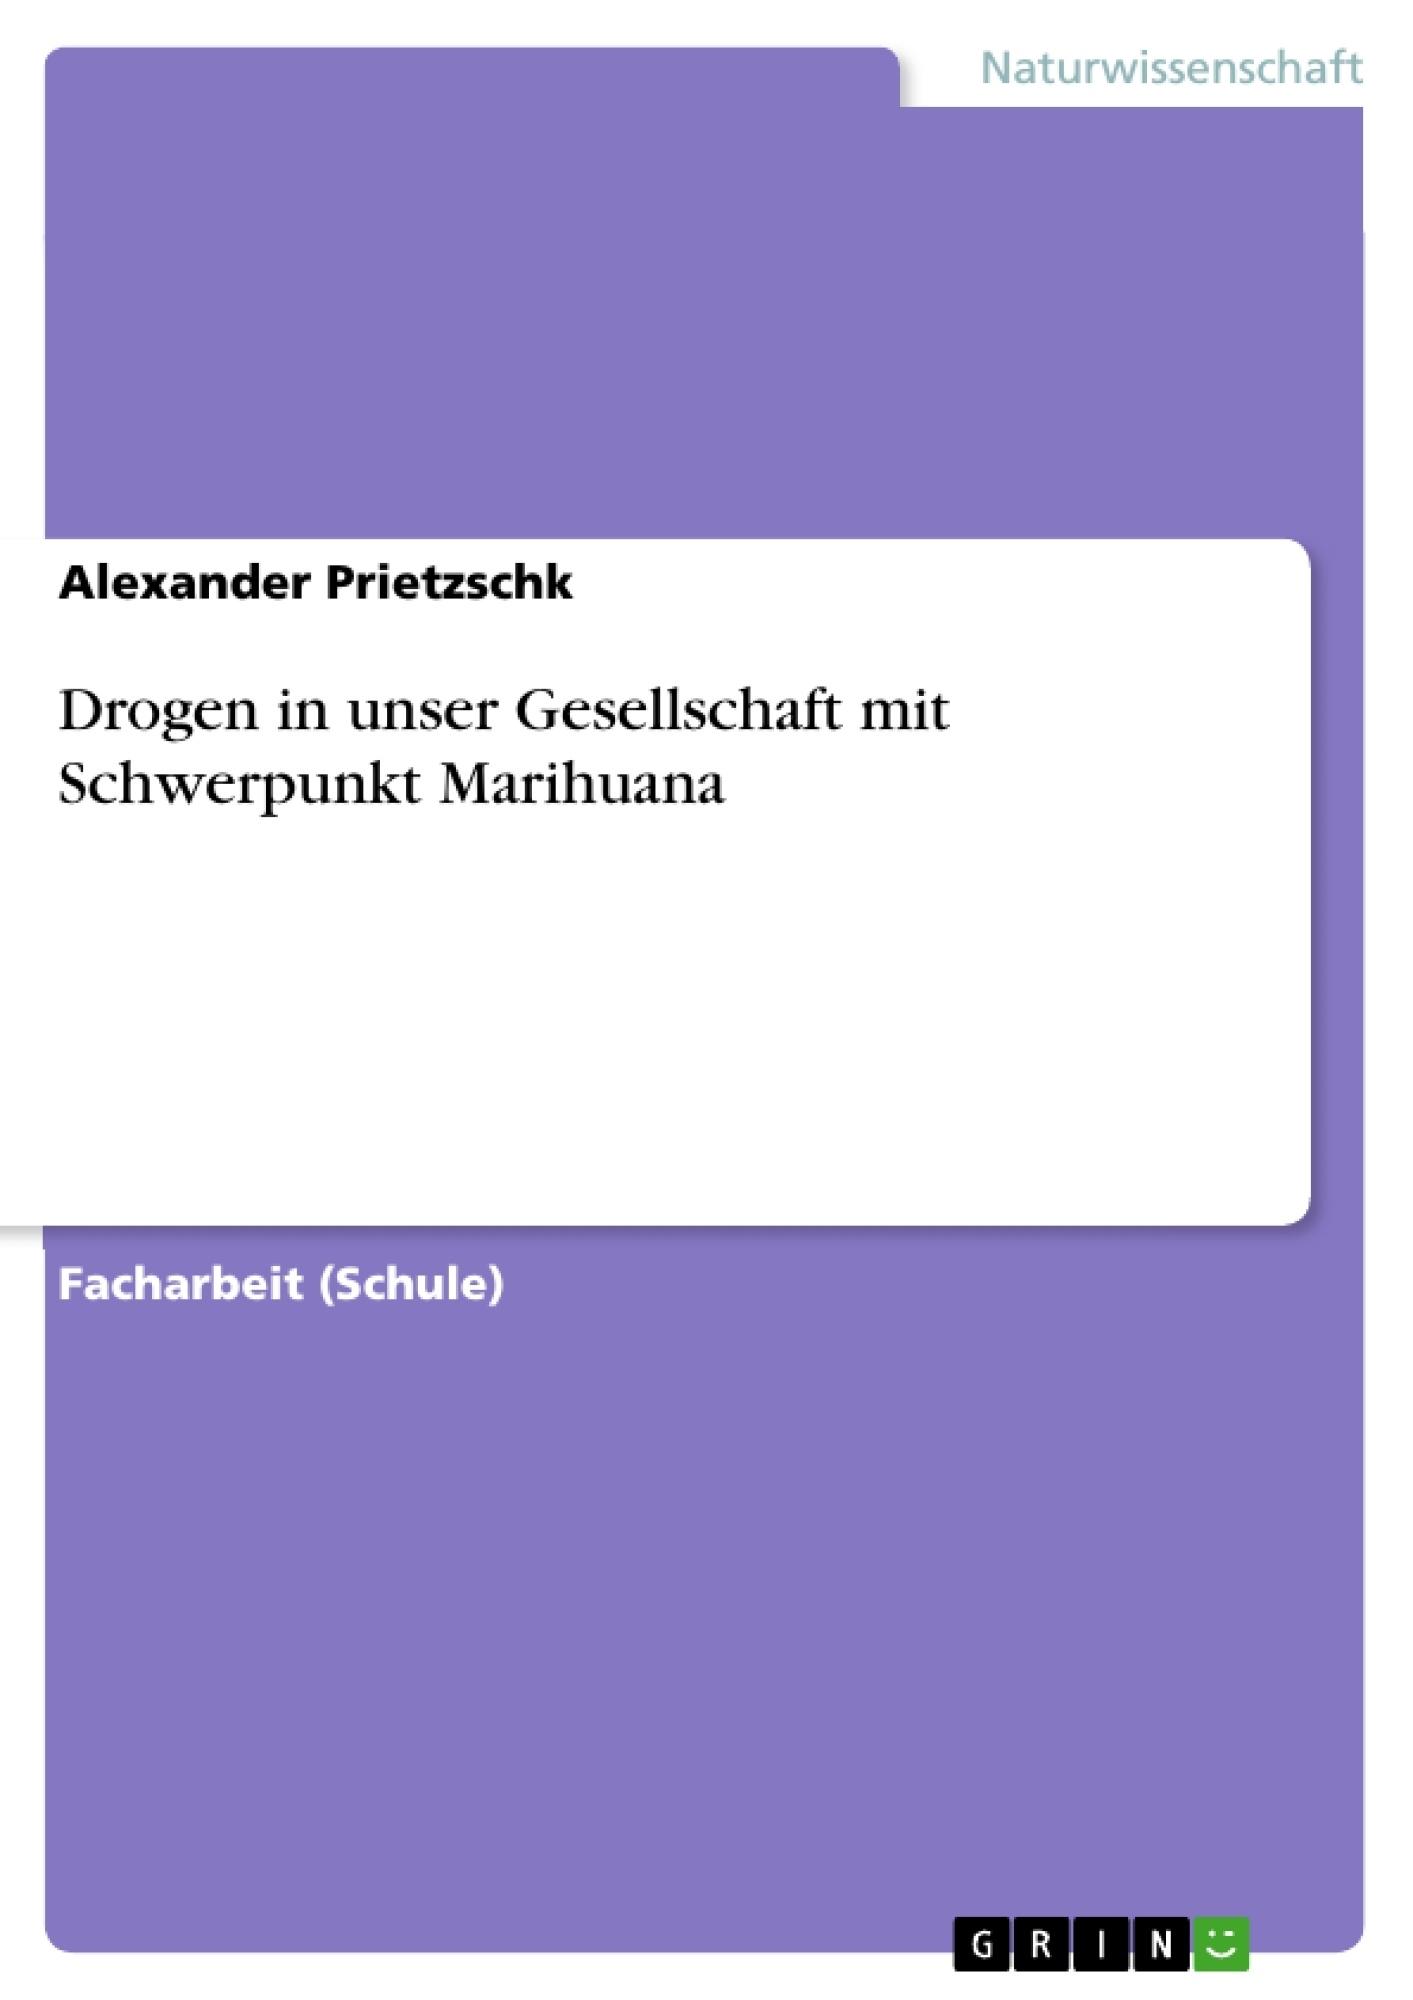 Titel: Drogen in unser Gesellschaft mit Schwerpunkt Marihuana